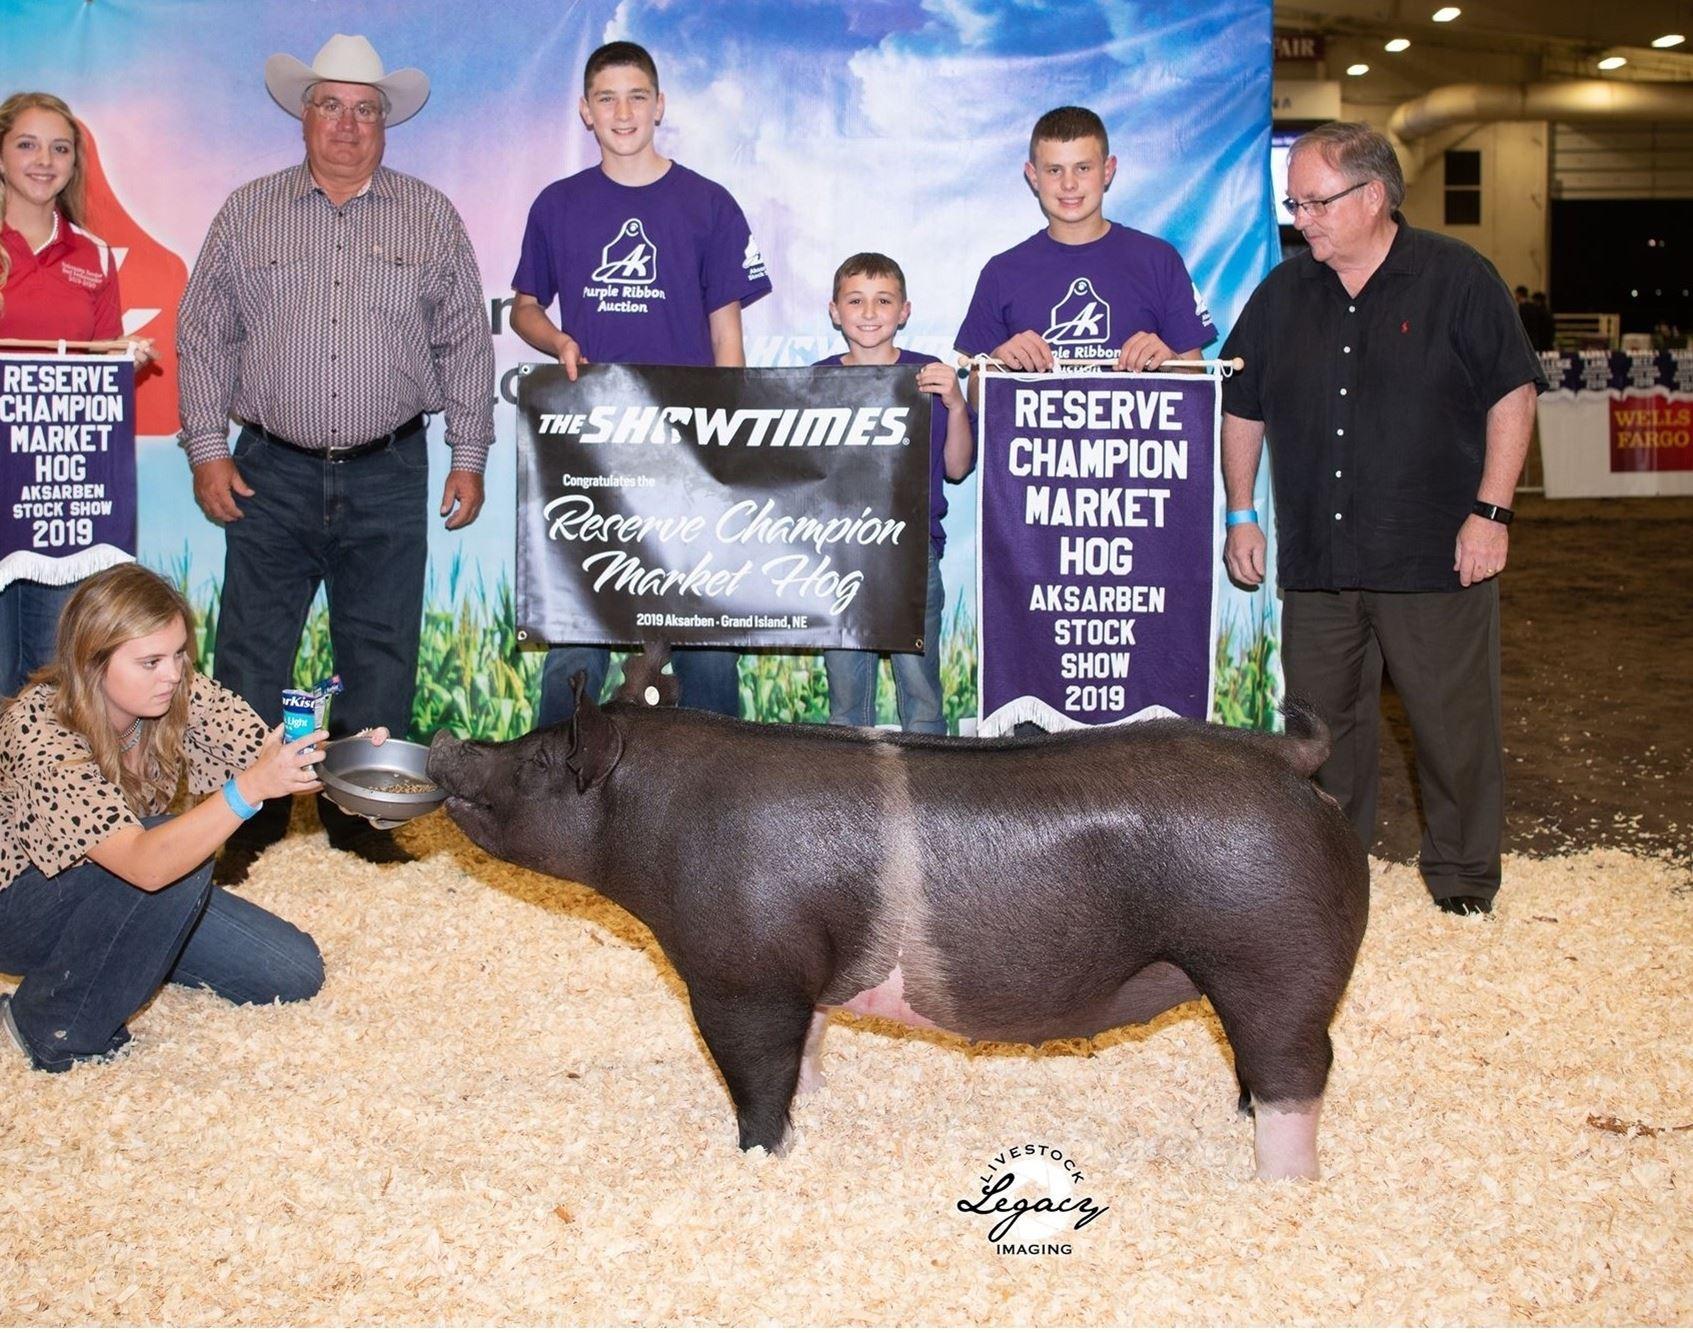 Reserve Champion Market Hog